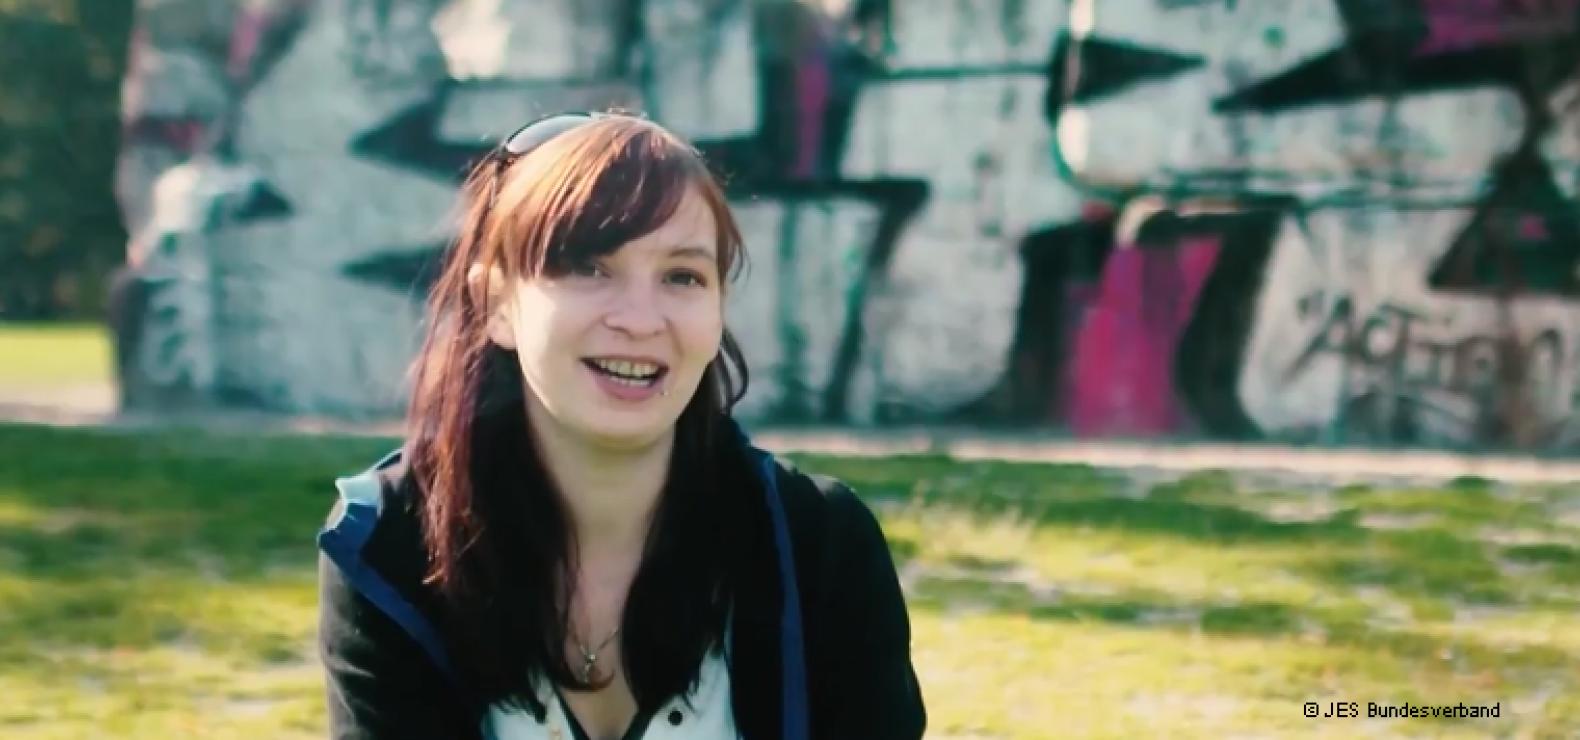 Junge Frau mit braun-rötlichen Haaren sitzt auf einer Wiese vor einer Graffiti-Wand